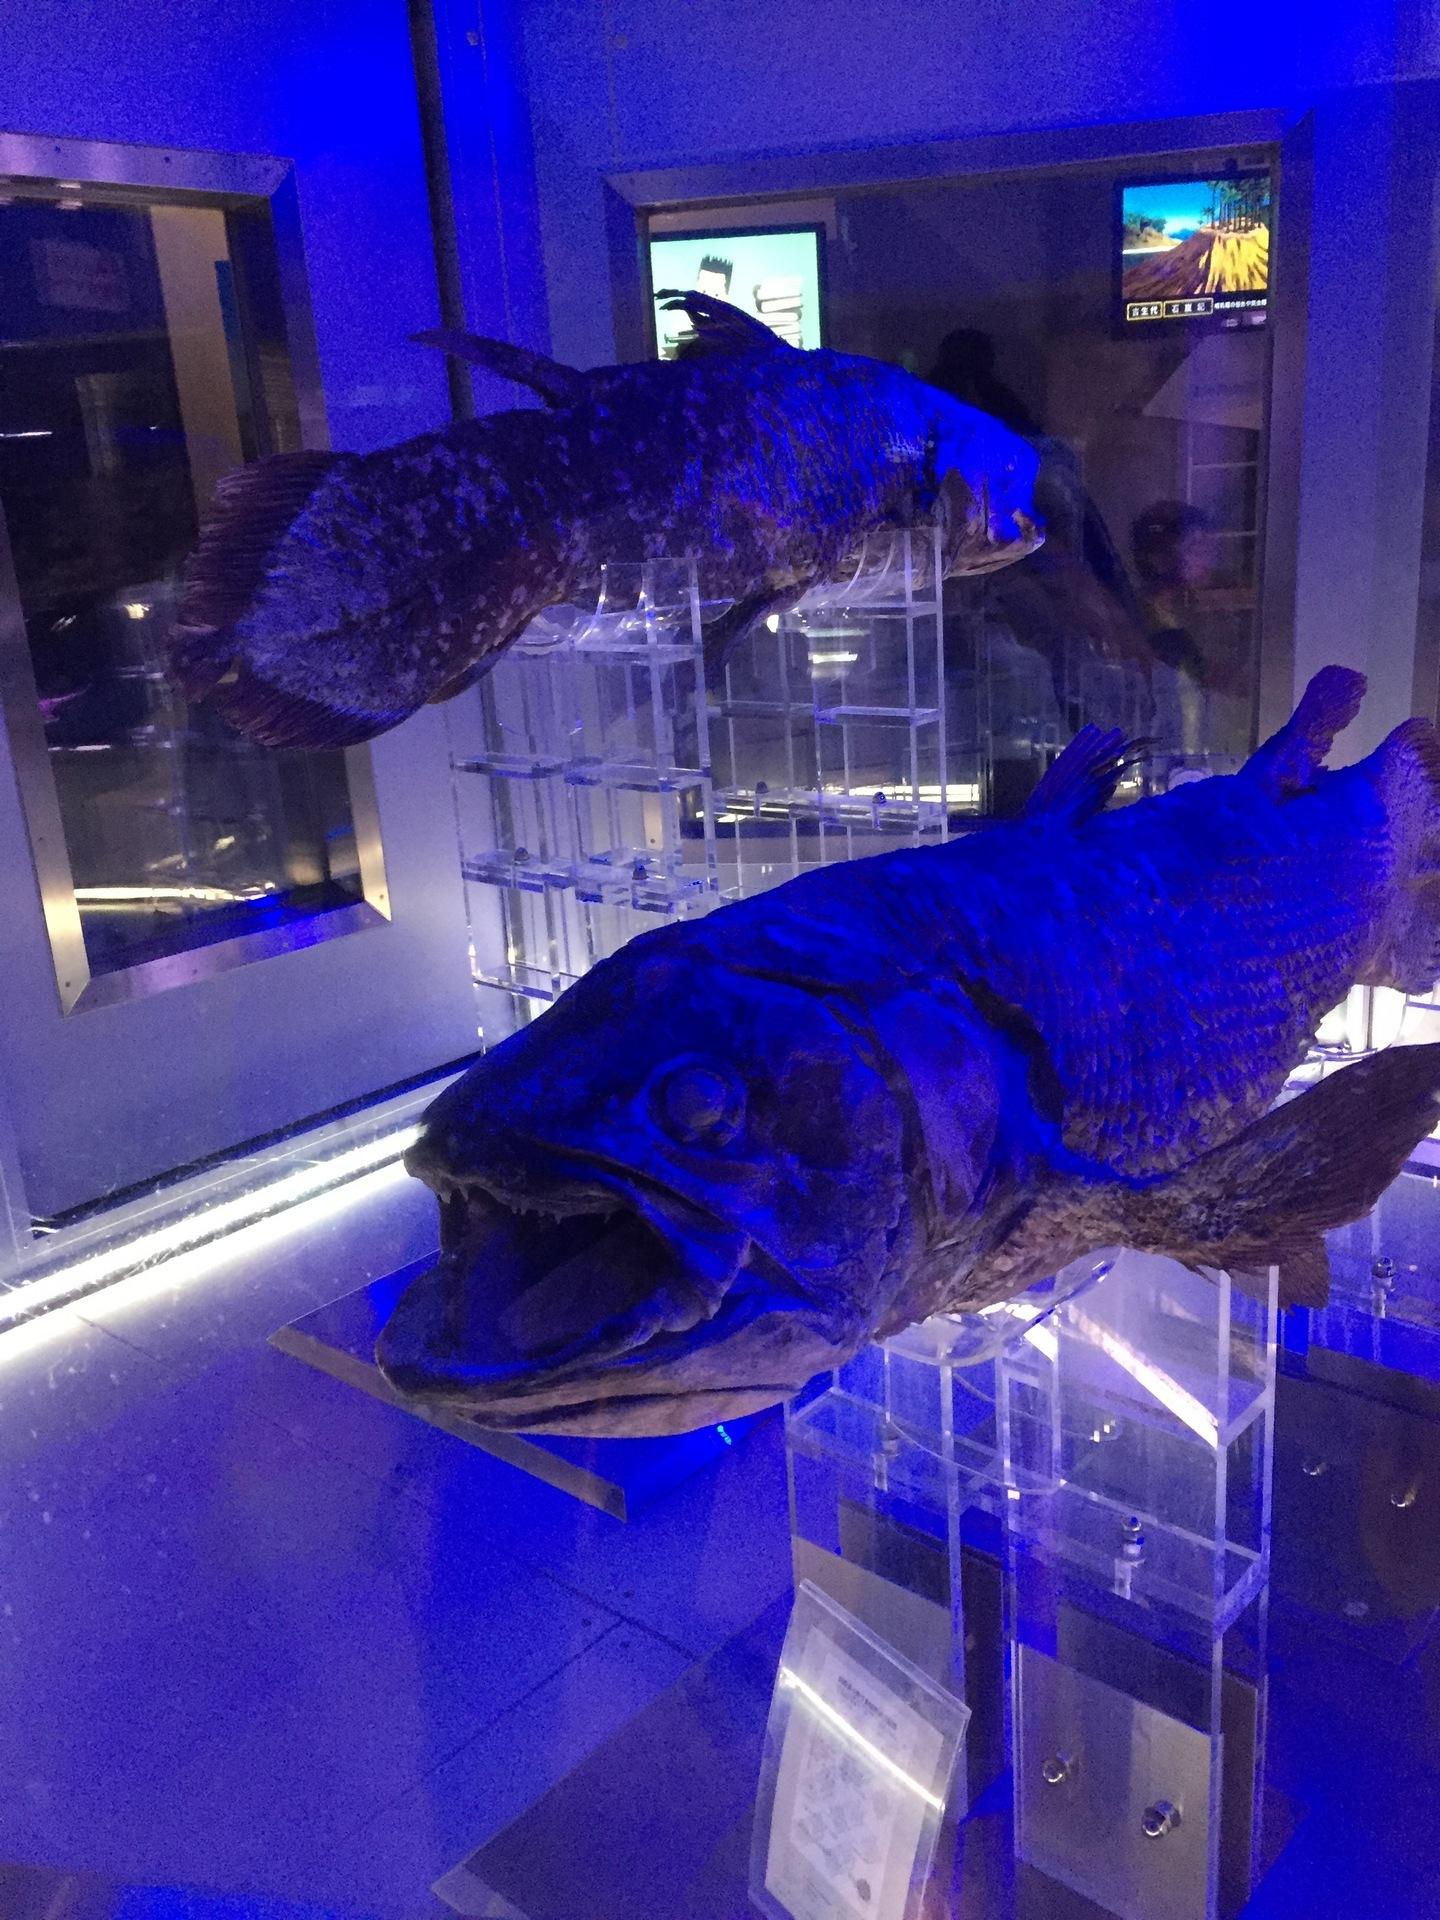 【沼津港深海水族館】 深海魚の水族館。世界にここだけしかない「冷凍シーラカンス」は必見!